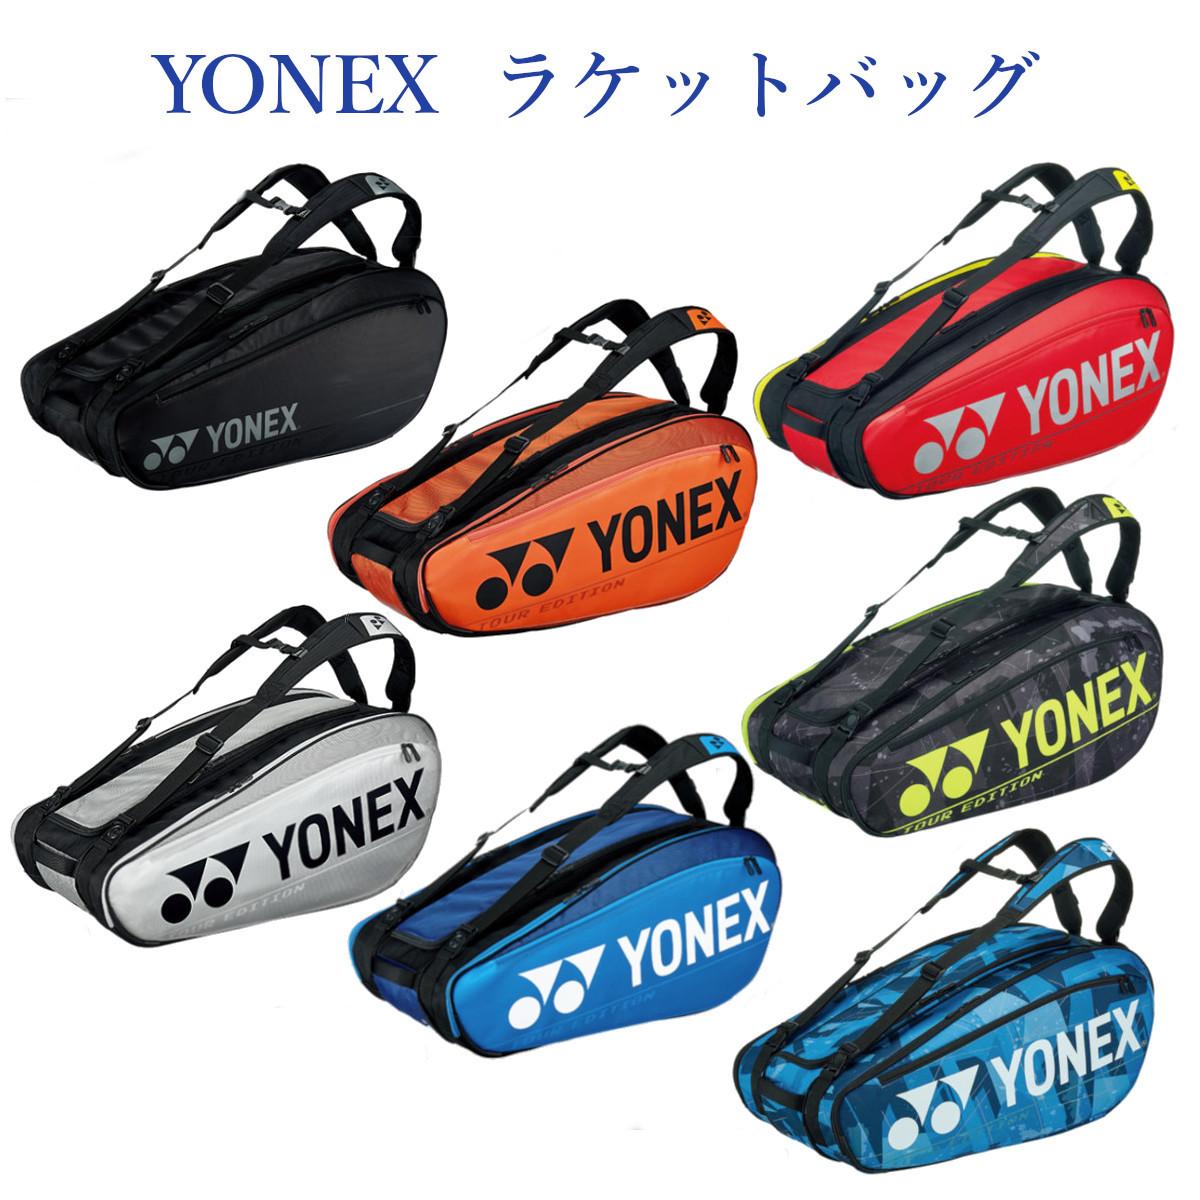 ヨネックス ラケットバッグ9<テニス9本用> BAG2002N 2019AW バドミントン テニス ソフトテニス ラケット収納